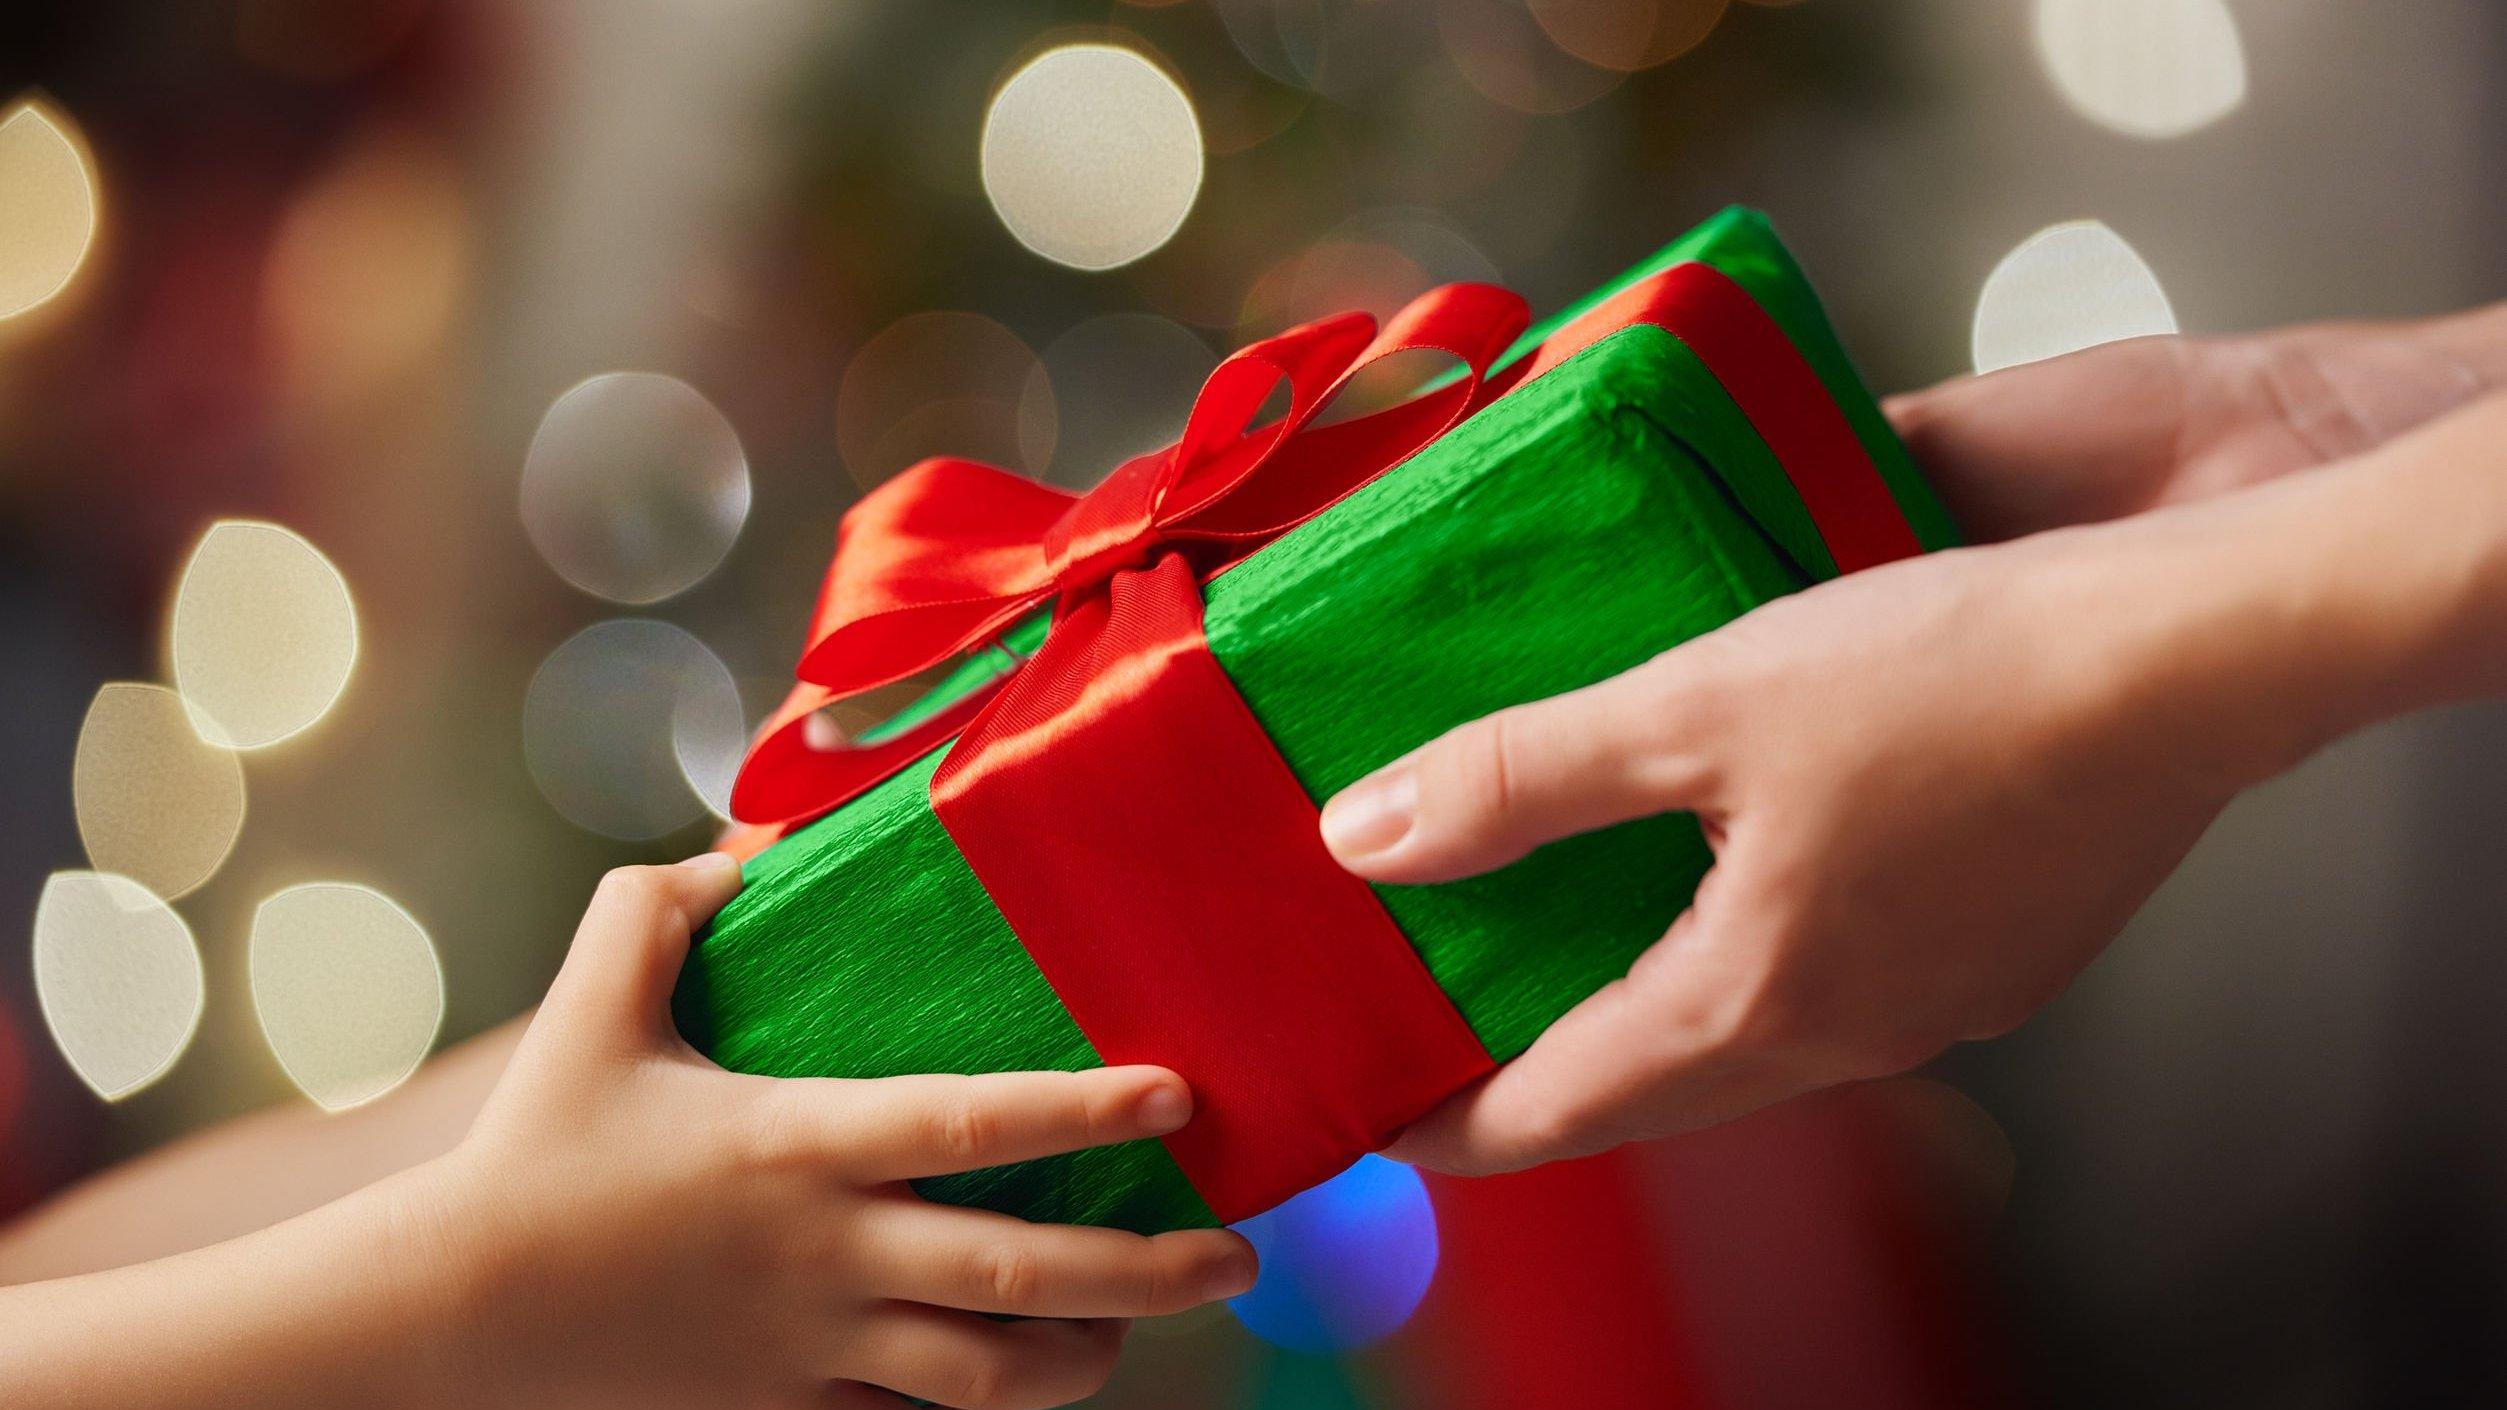 Pessoa entregando presente para outra pessoa